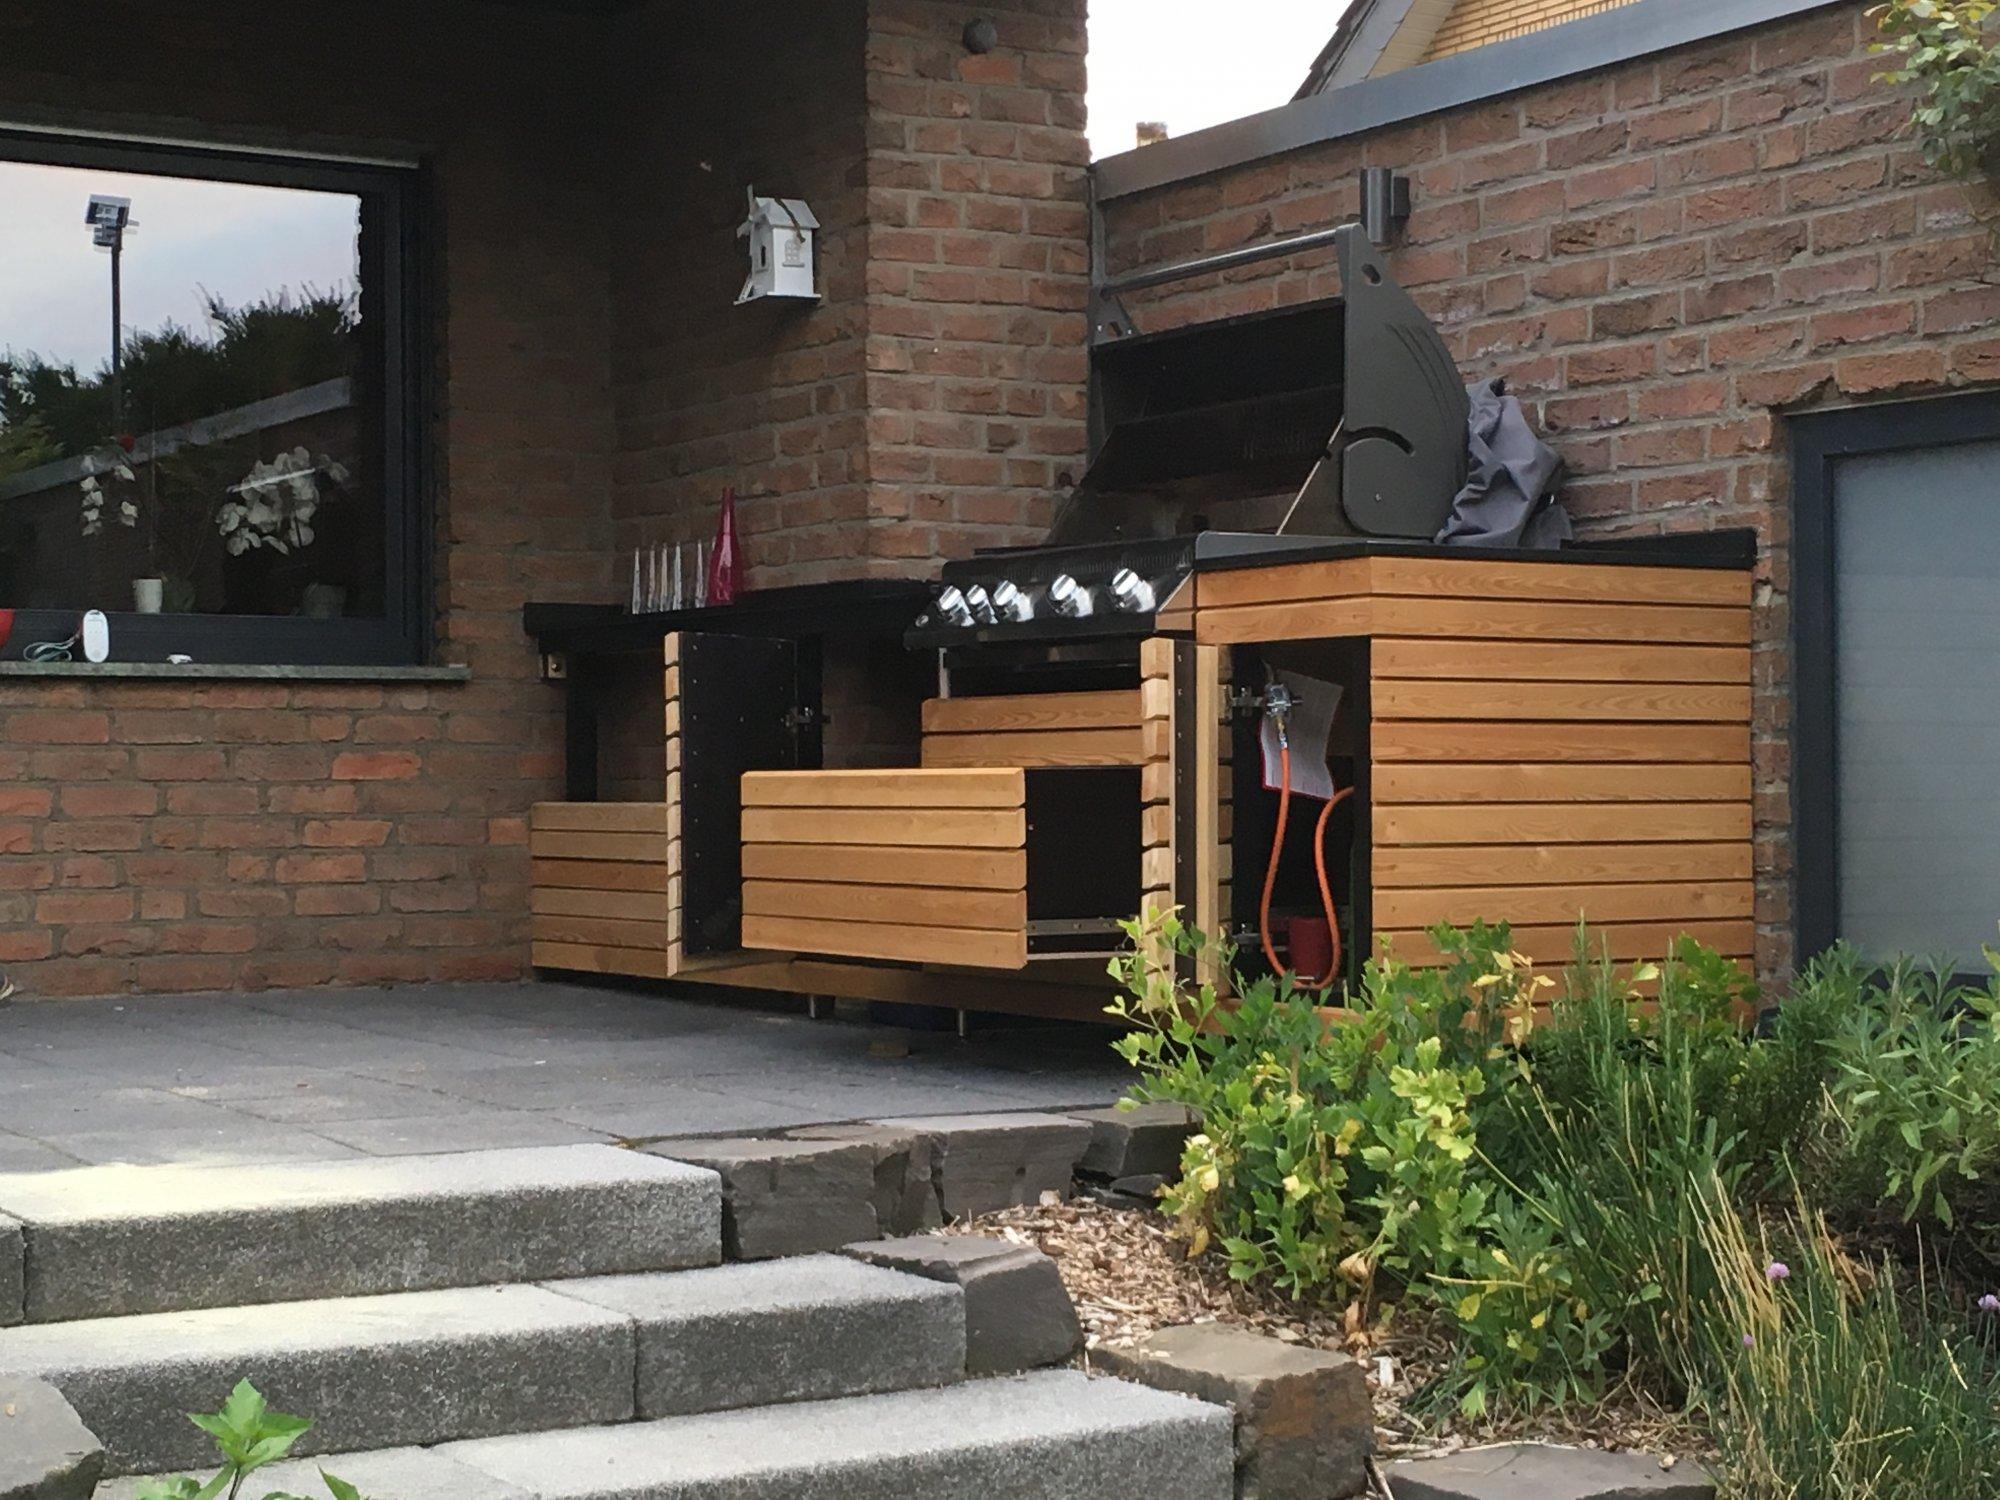 Outdoor Küche Kugelgrill : Hängende outdoor küche grillforum und bbq grillsportverein